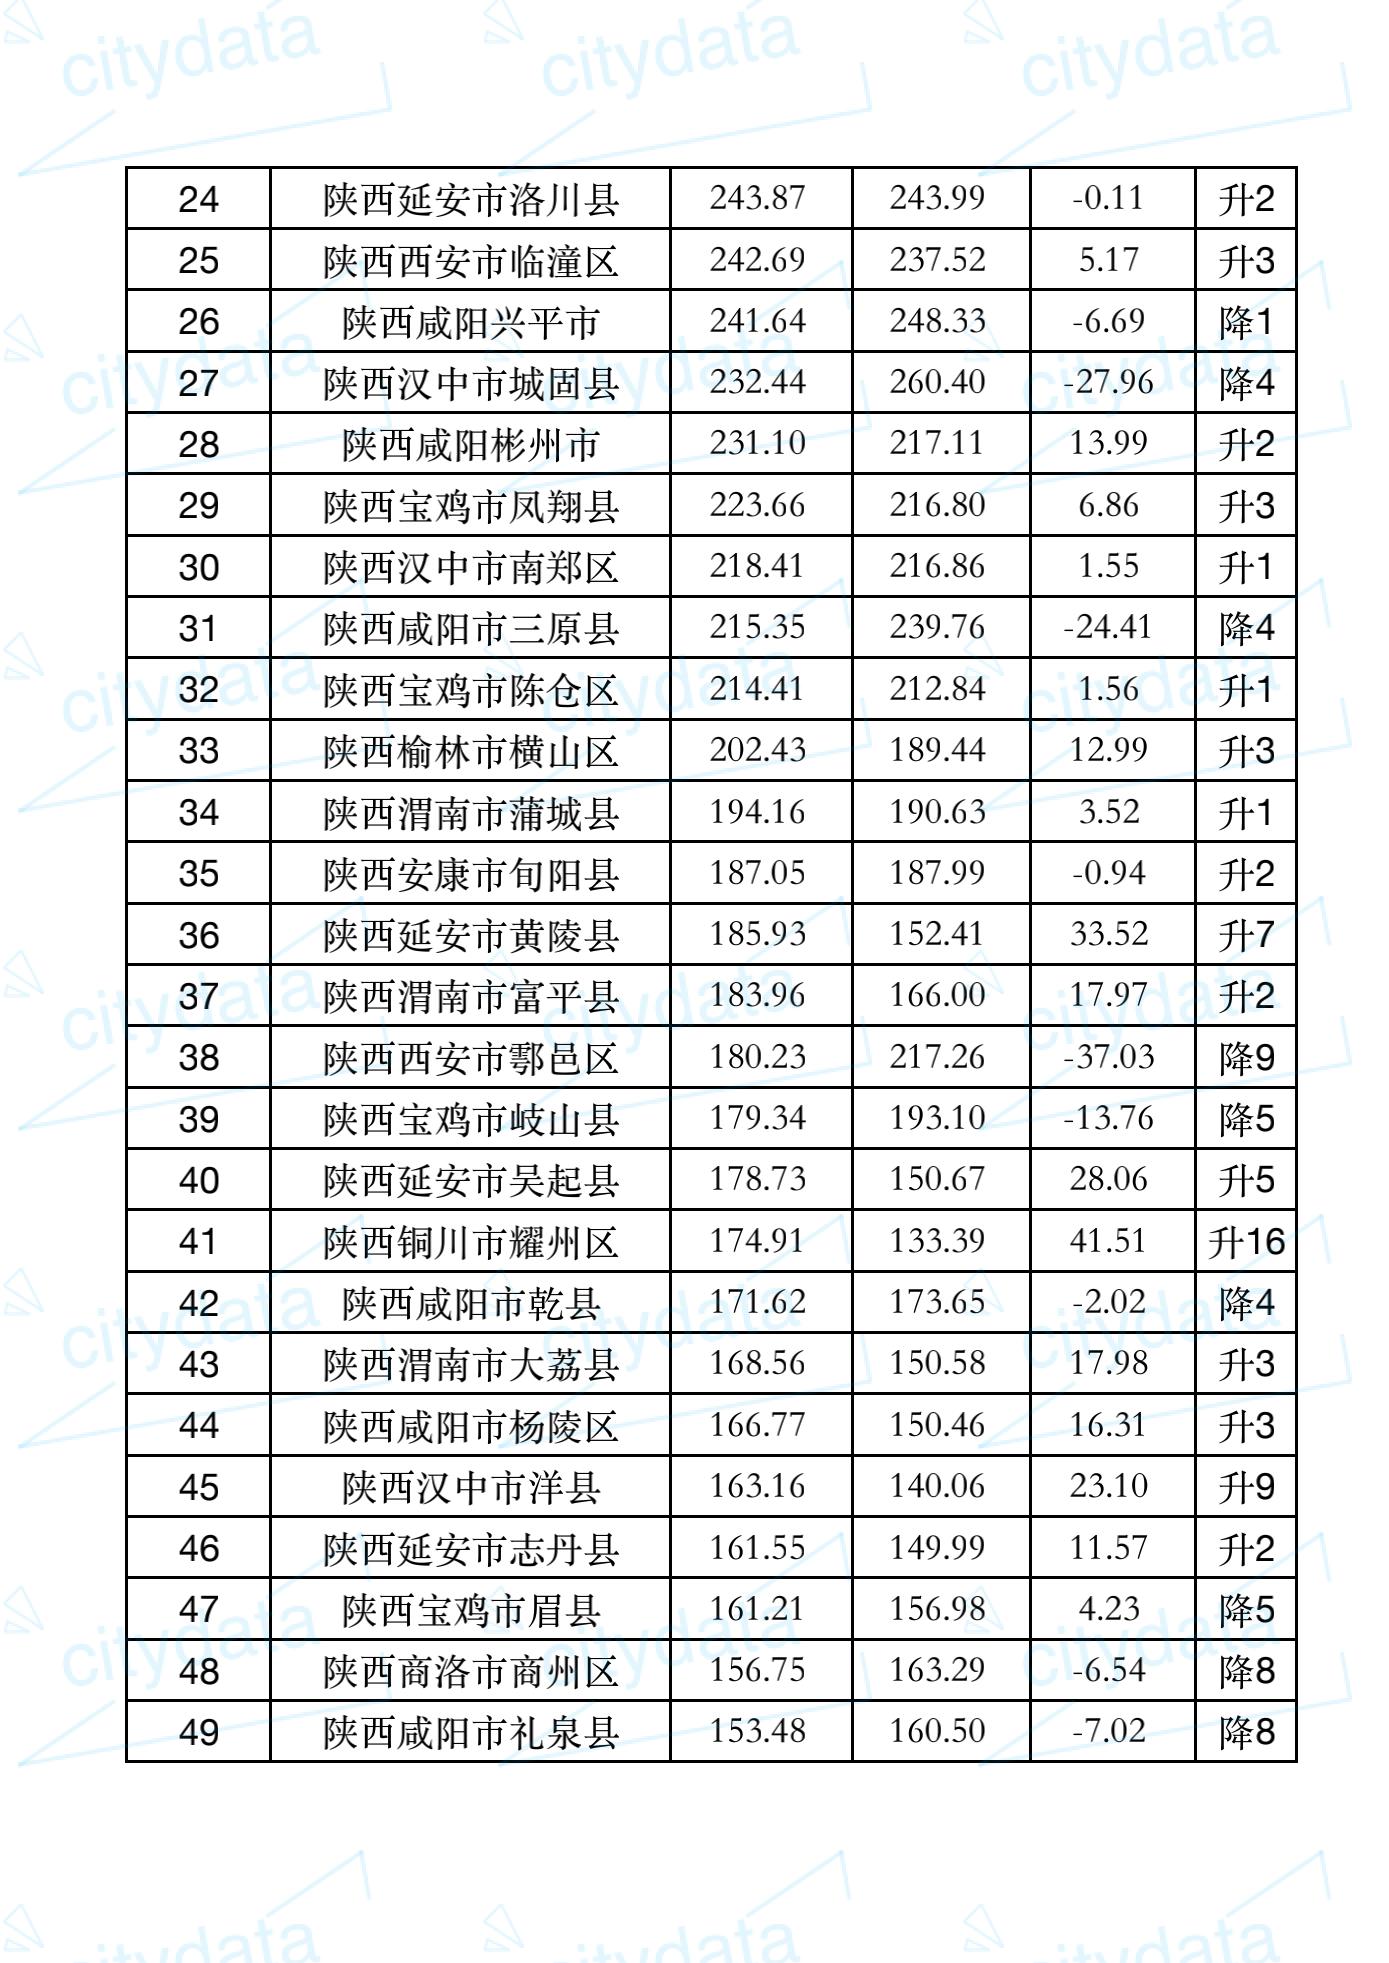 2019陕西各县gdp_2019年陕西省地级市人均GDP排名榆林市超12万元居全省第一